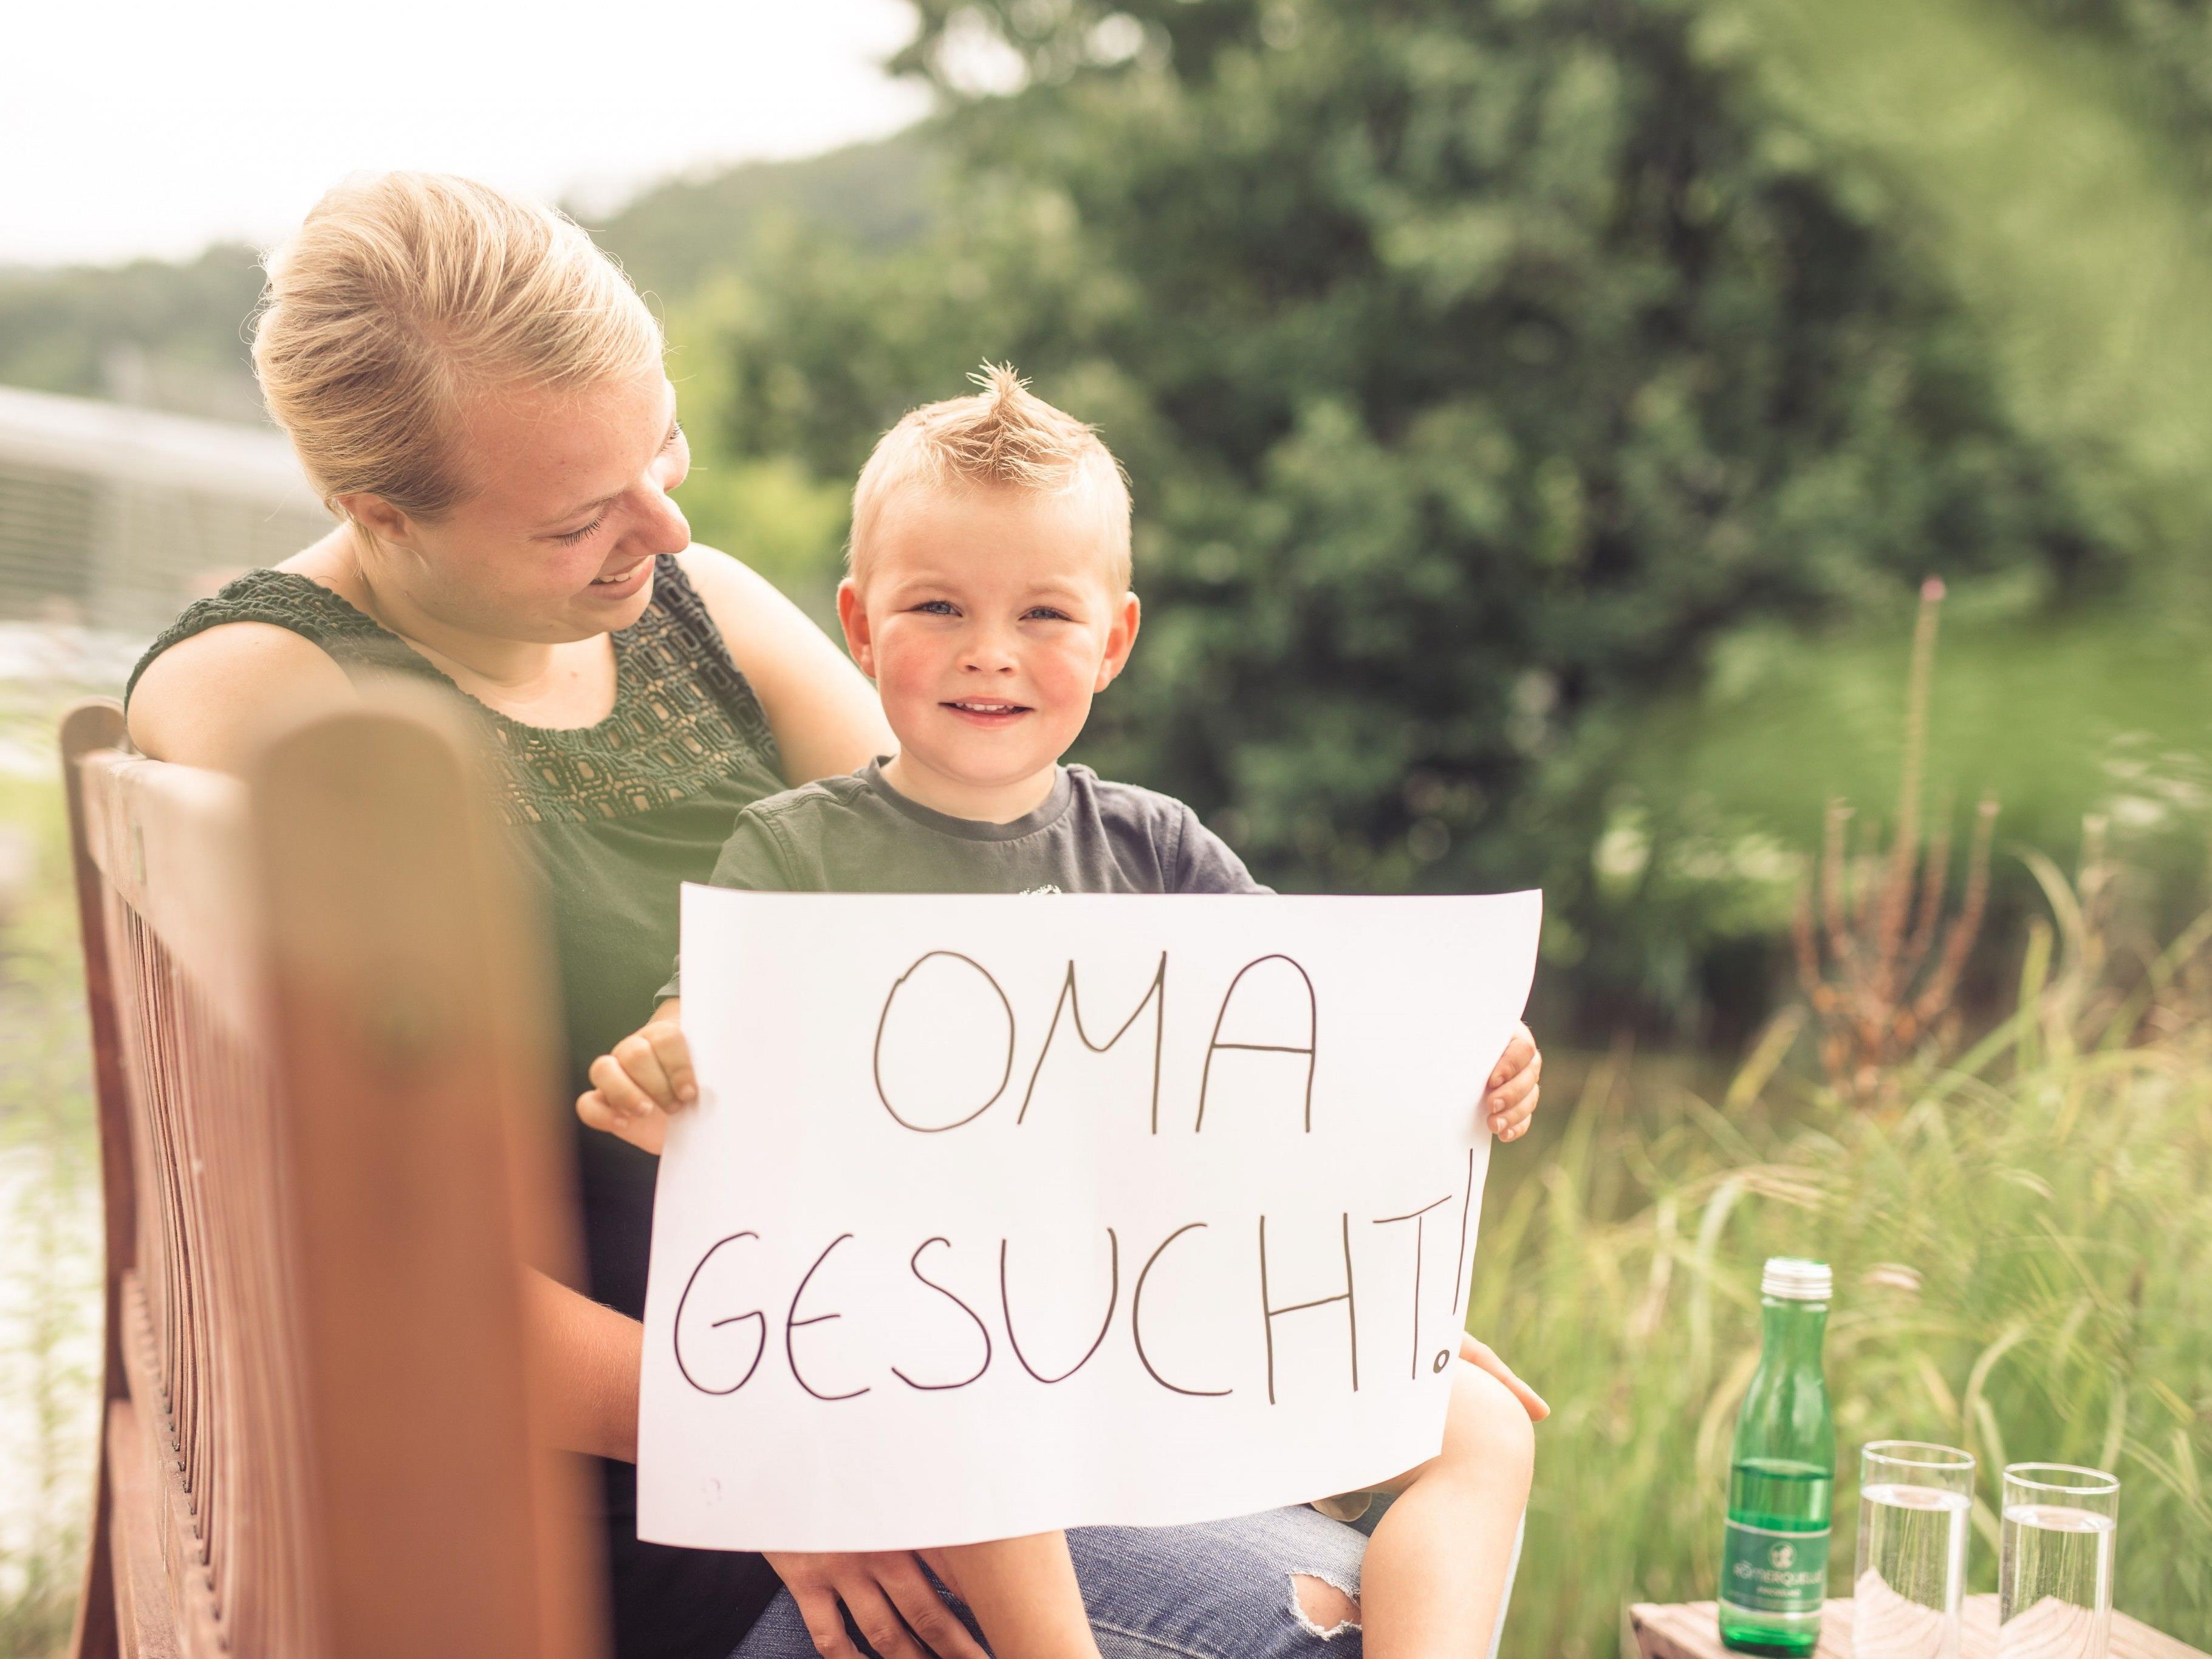 Mama Madeleine und der kleine Ben suchen eine Oma, um gemeinsam eine tolle Zeit zu verbringen.